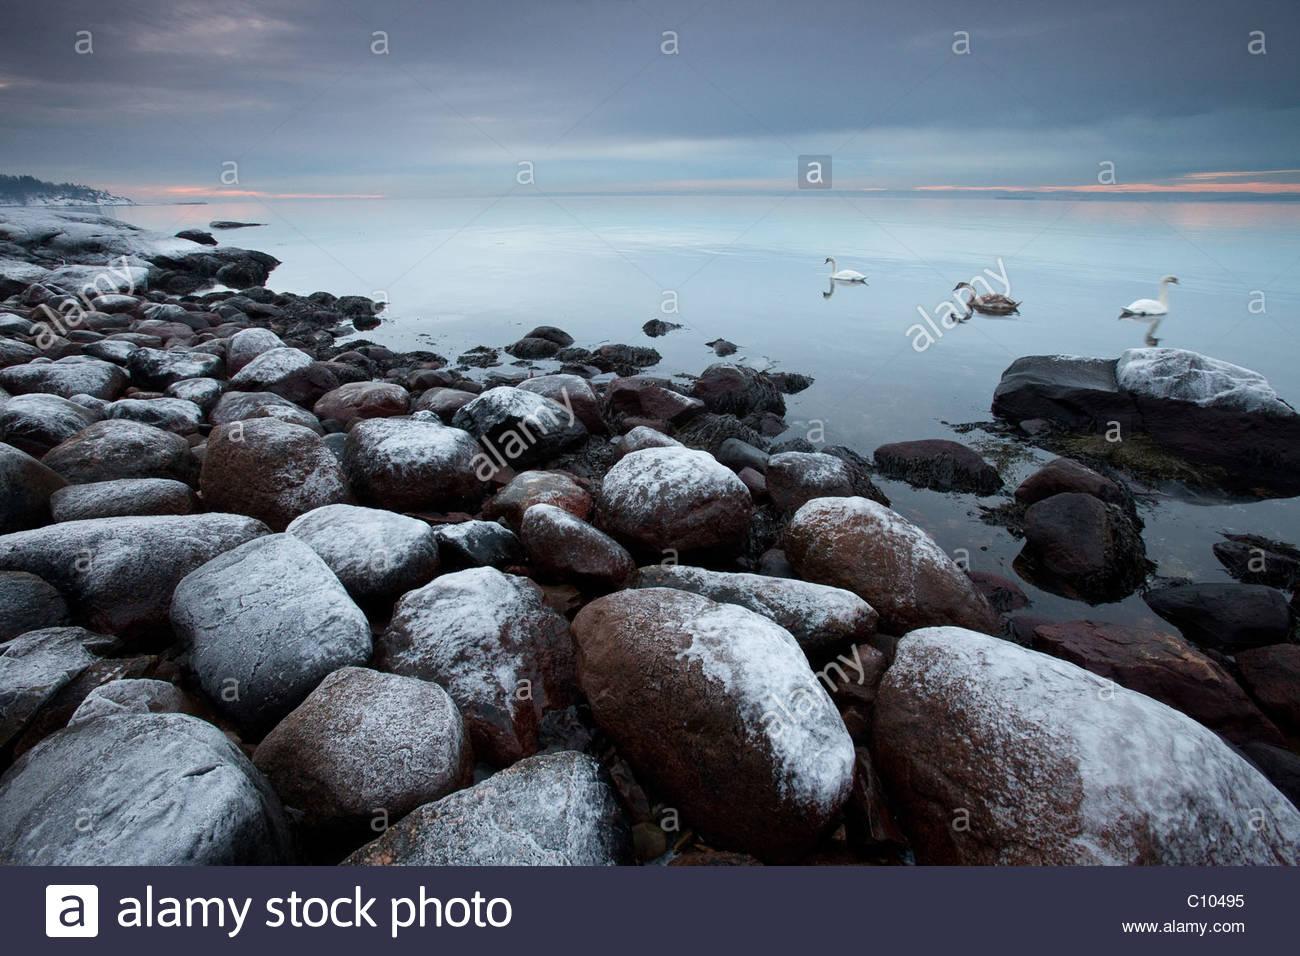 Costiera paesaggio invernale e il Cigno la famiglia a Larkollen in Rygge kommune, Østfold fylke, Norvegia sudorientale. Foto Stock